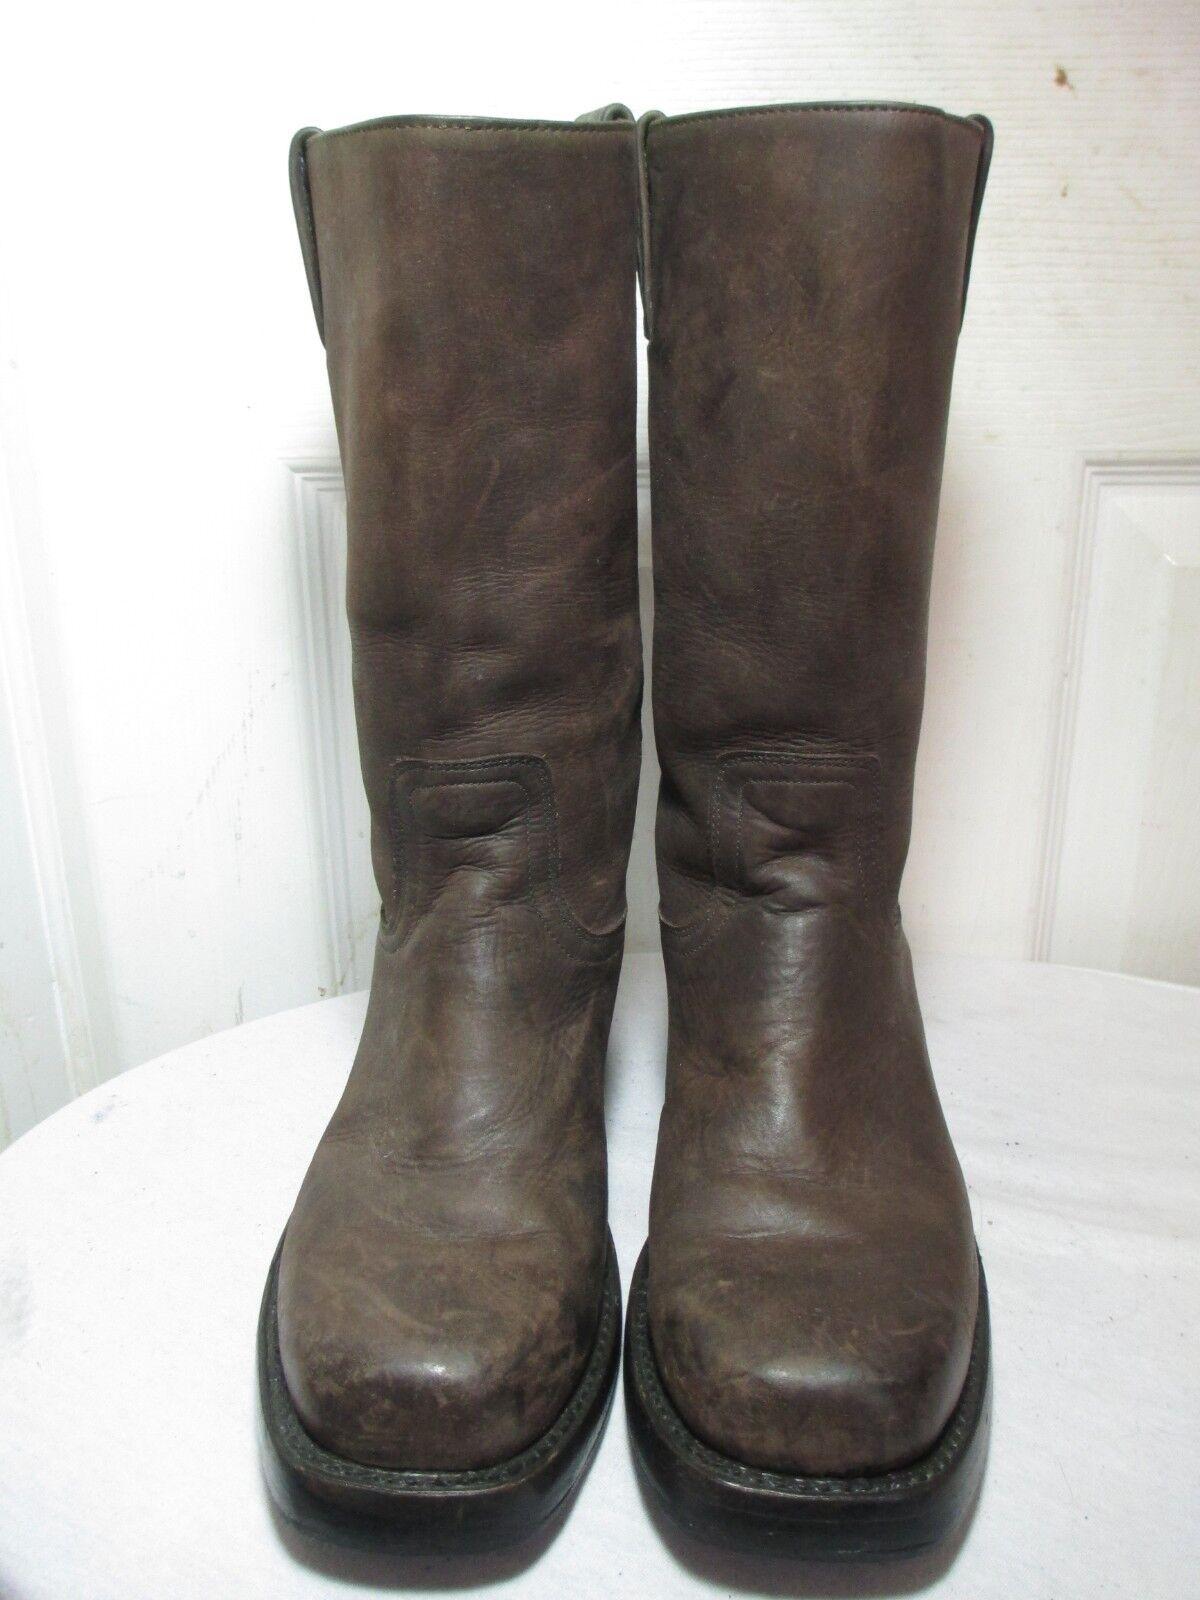 Mezcalero botas De Mujer Mujer Mujer De Dedo Del Pie Cuadrado Cuero Marrón Oscuro botas 38 US 8 cb997c